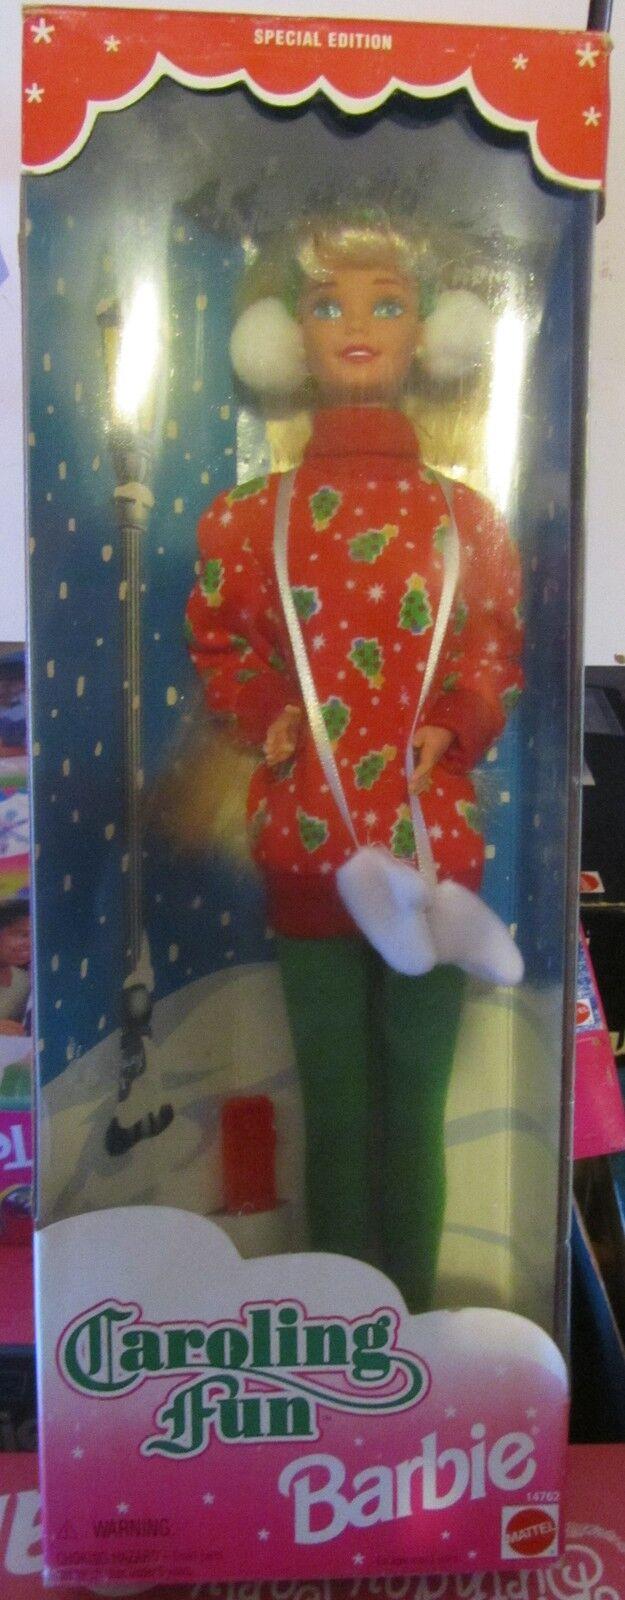 Barbie Caroling Fun Special Edition NRFB Mattel Mattel Mattel SPESE GRATIS 664737